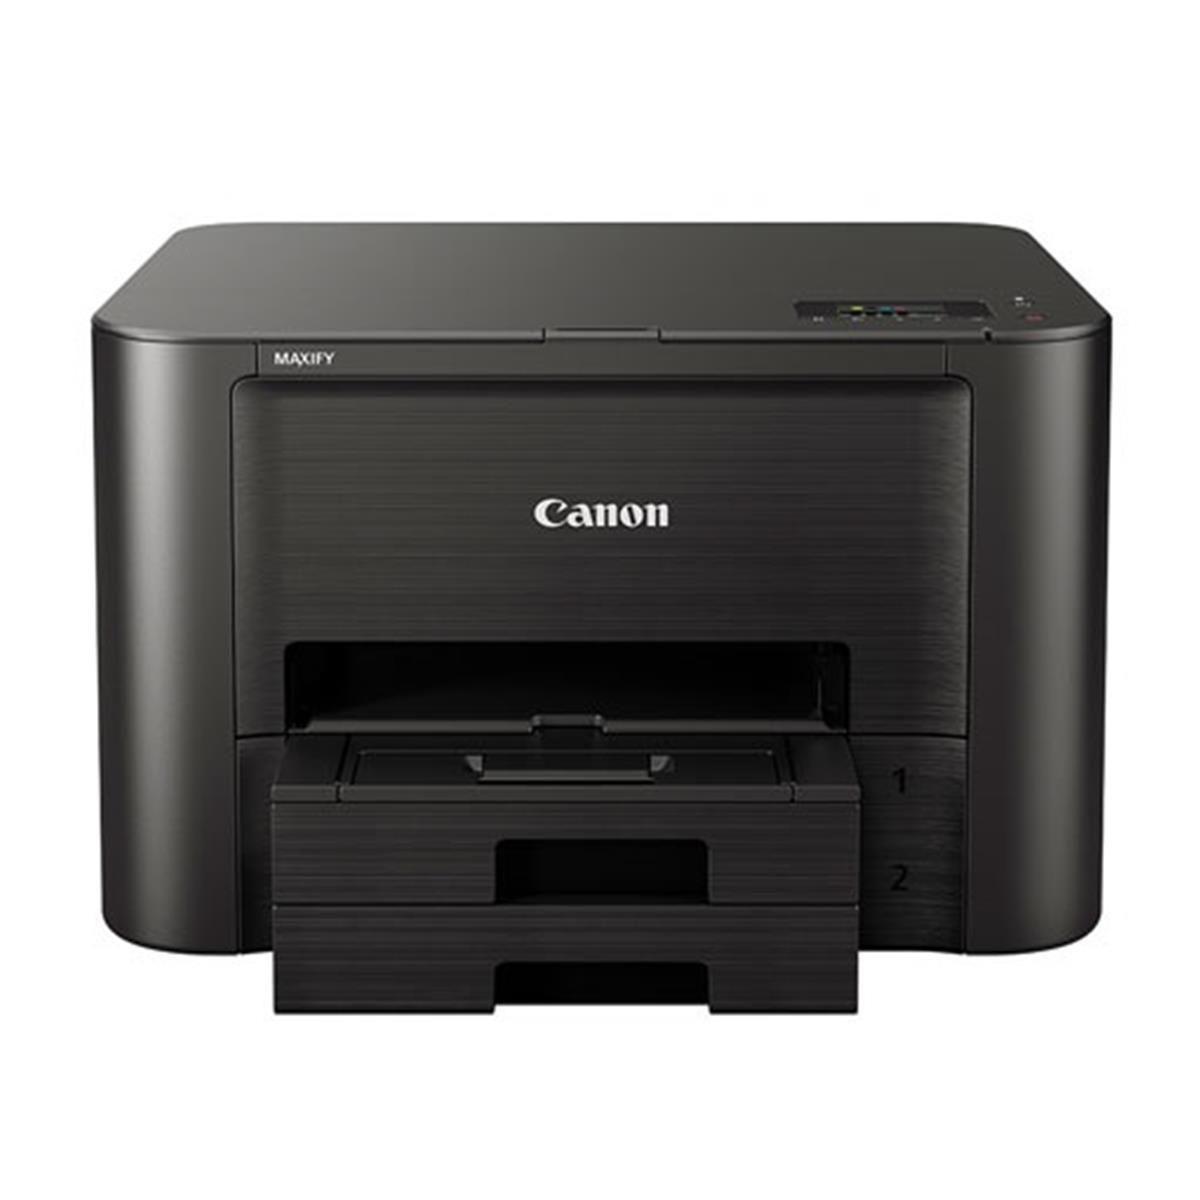 Impressora Canon Jato de Tinta Maxify Color IB4110 (WI-FI)